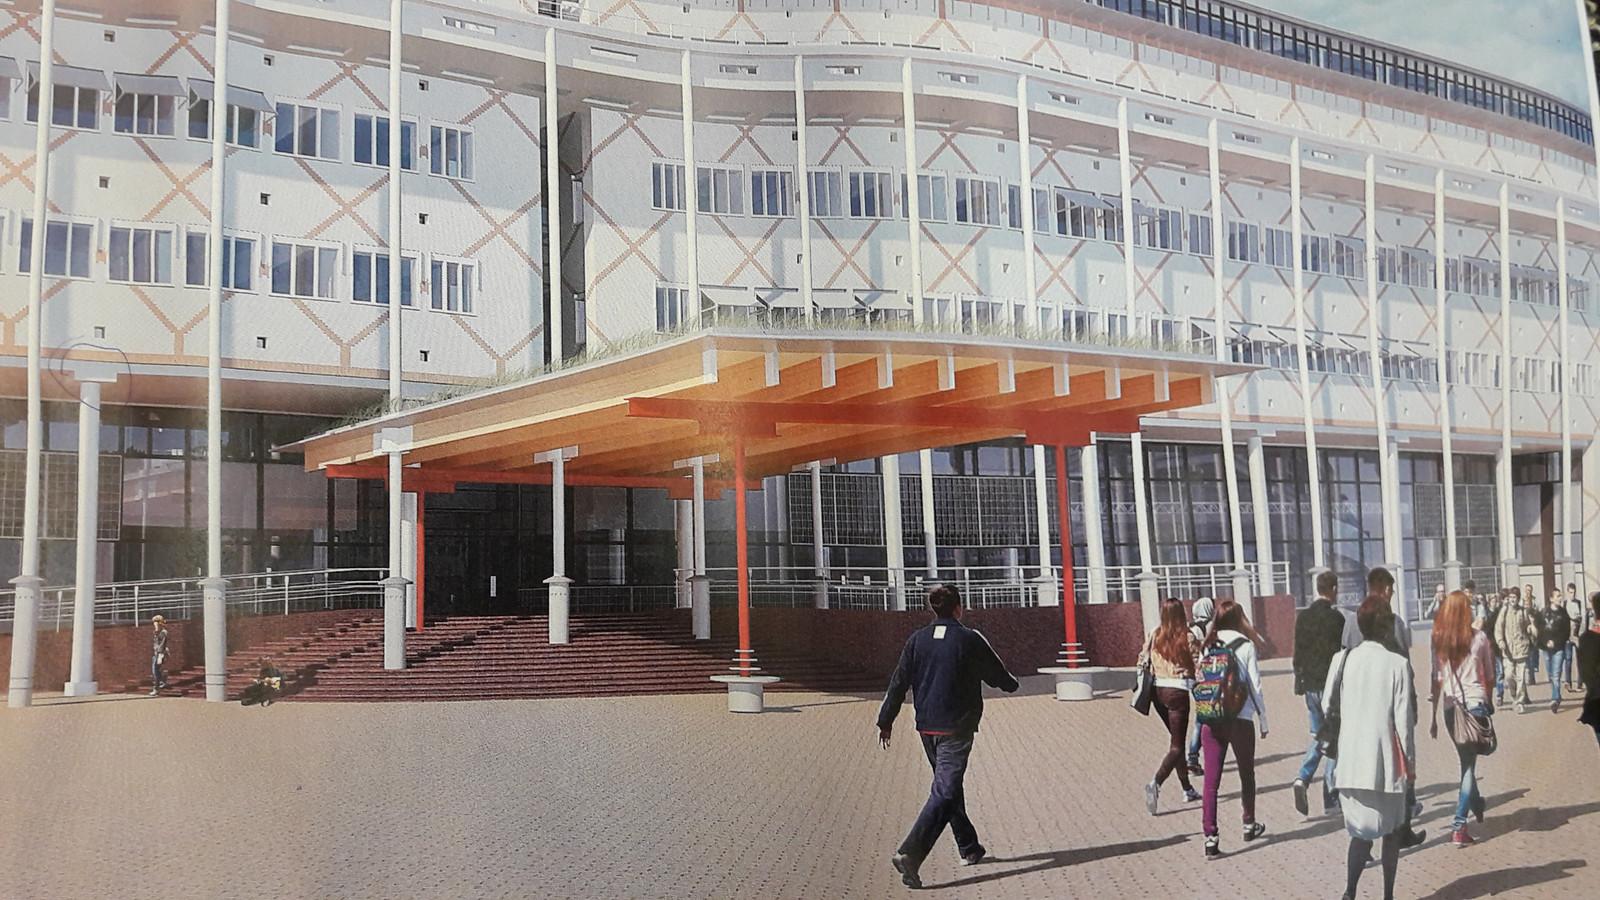 Een impressie van het vernieuwde stadhuis van Apeldoorn. Of beter: Huis van de stad.